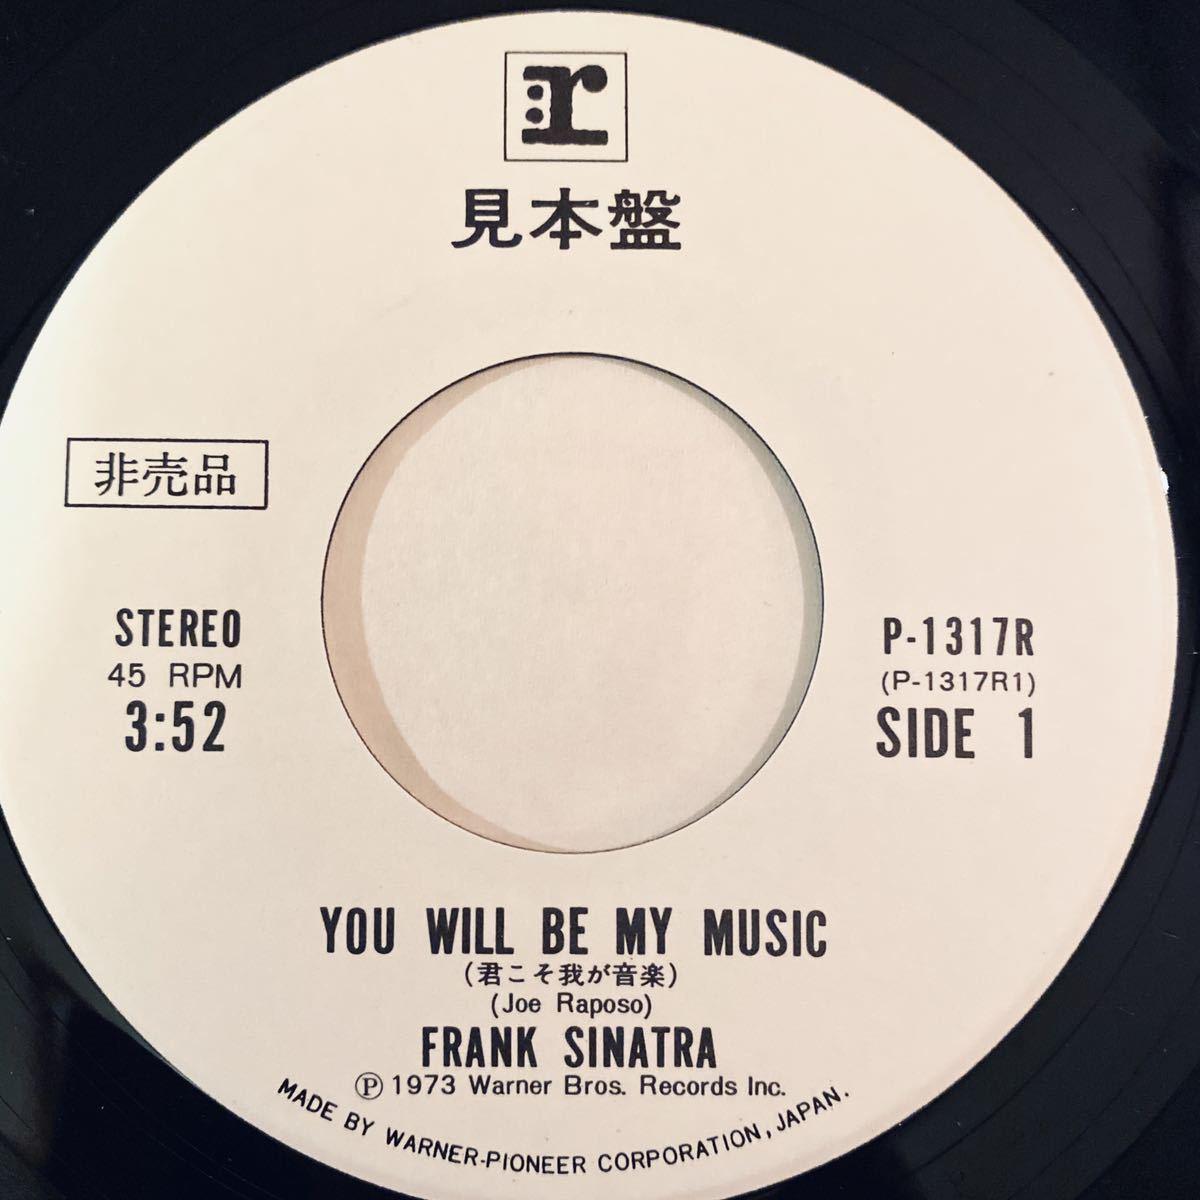 国内見本盤白ラベルEP / フランク・シナトラ - 君こそ我が音楽 / '74 P-1317R 非売品 プロモ サンプル FRANK SINATRA_画像3